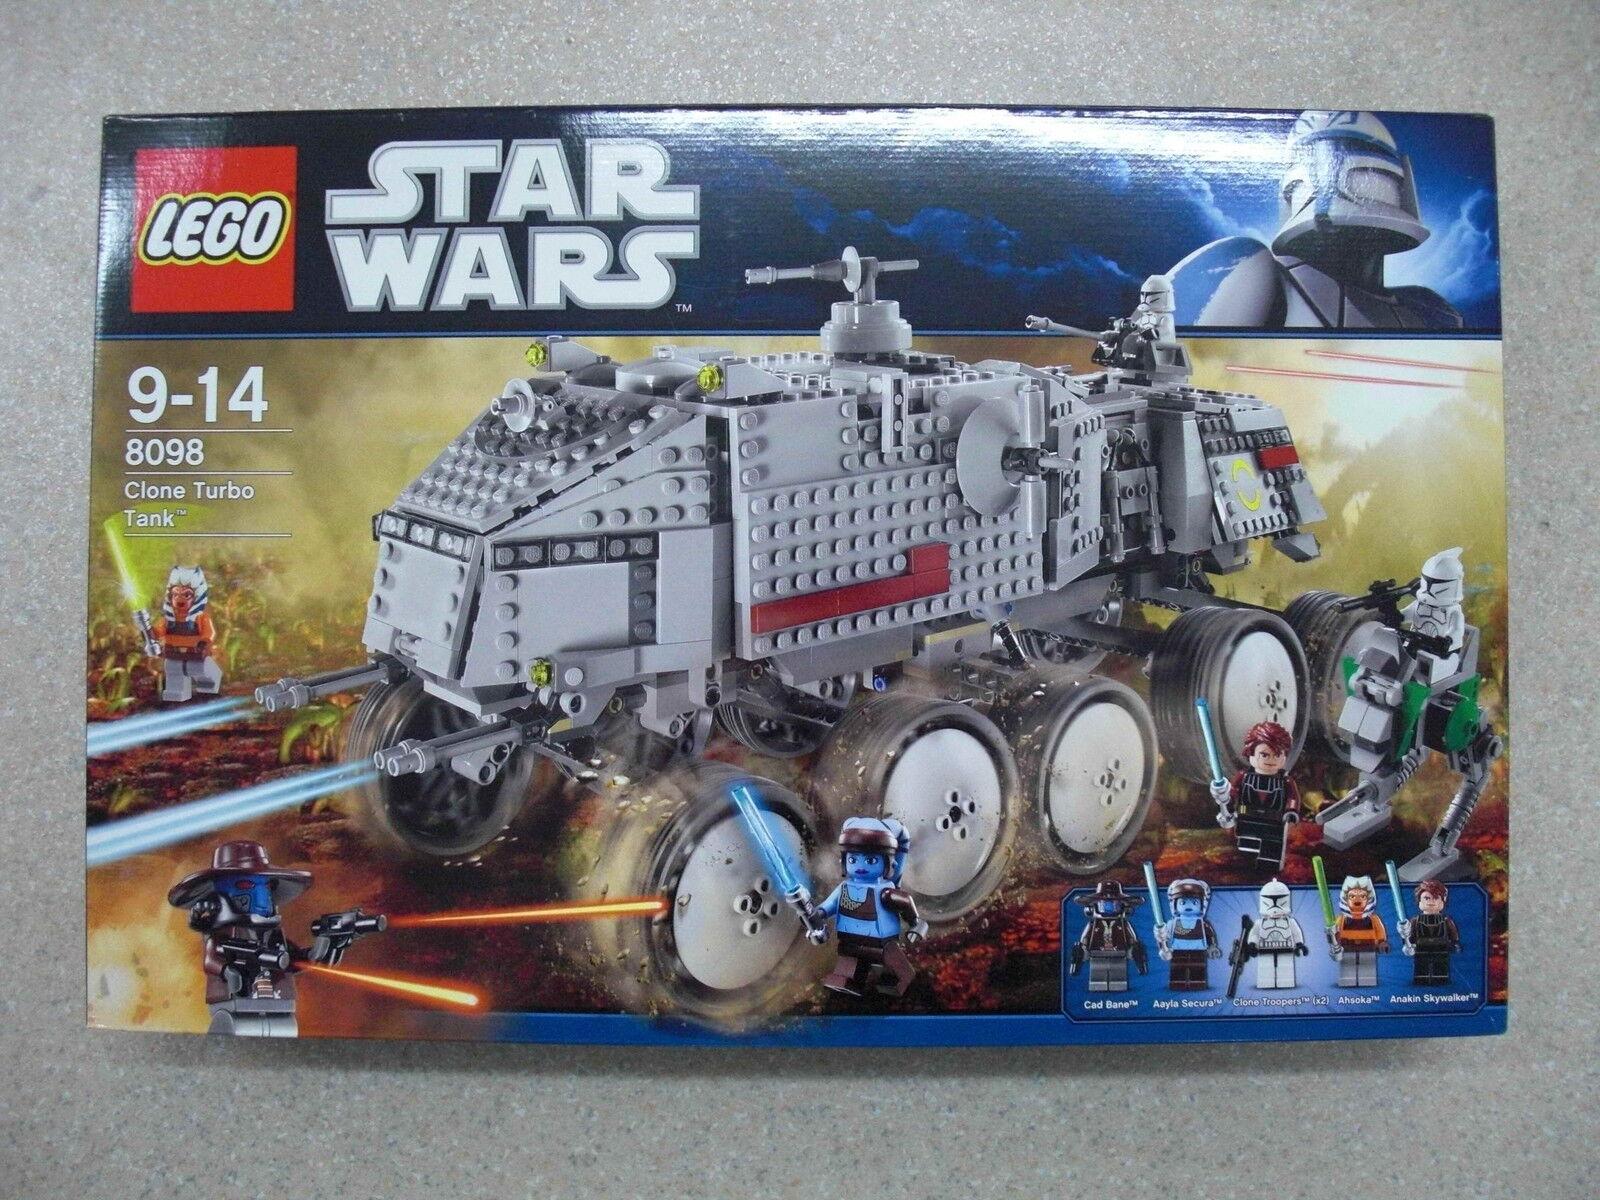 LEGO estrella guerras  8098 - Clone Turbo Tank - NEU nuovo MISB  negozio online